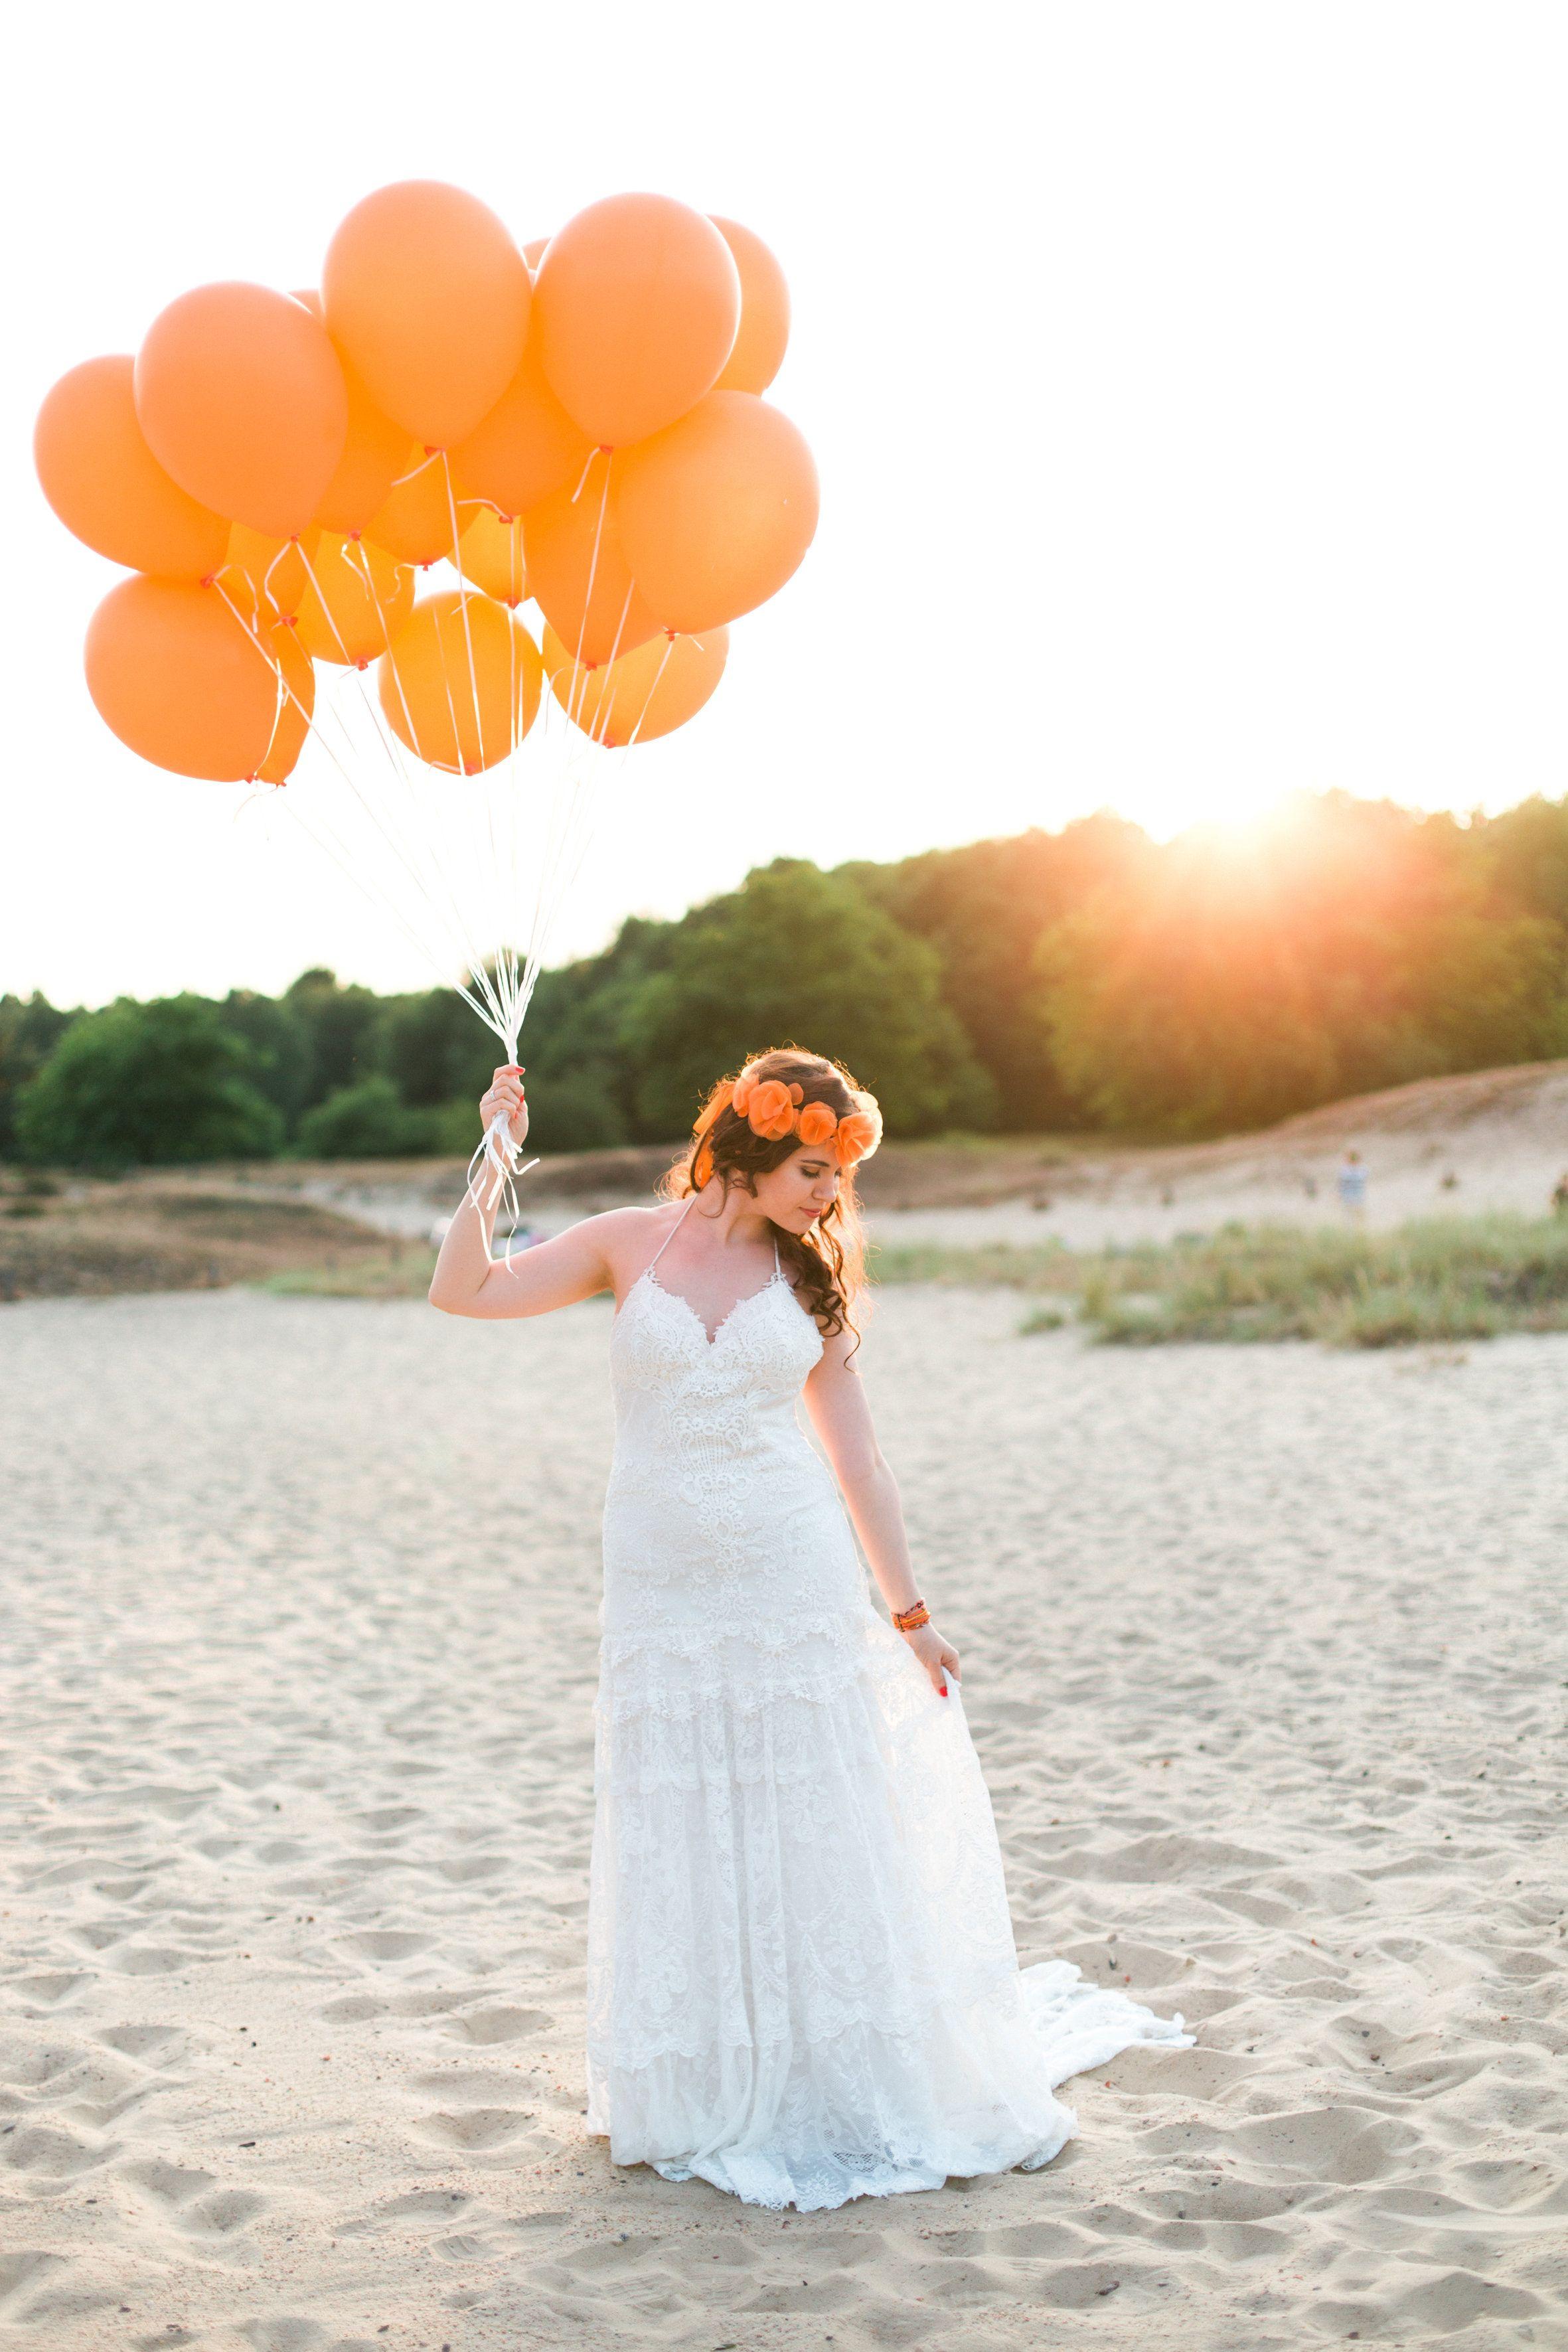 Blütenhaarkranz für eine Hochzeit in Orange | www.schoenmich-ac ...